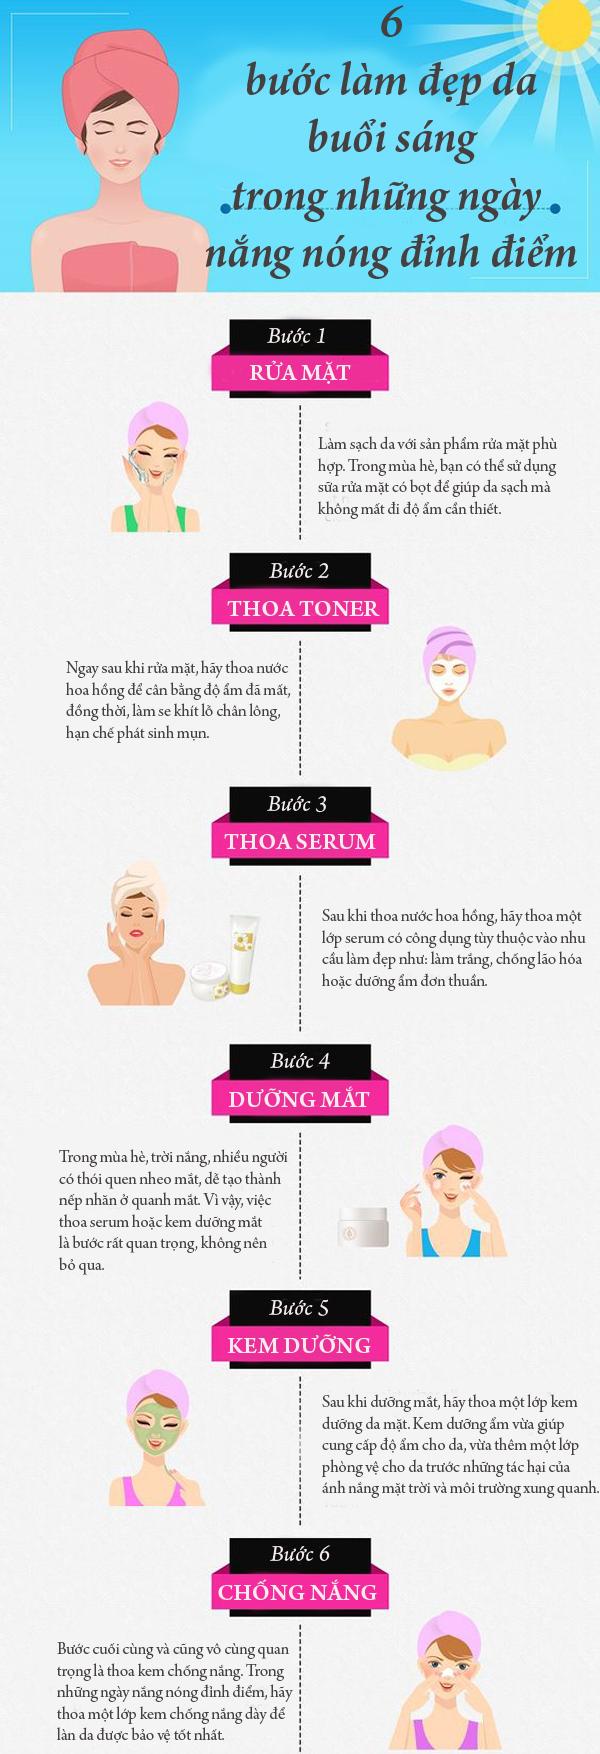 6 bước dưỡng da cần thiết trong ngày nắng nóng đỉnh điểm